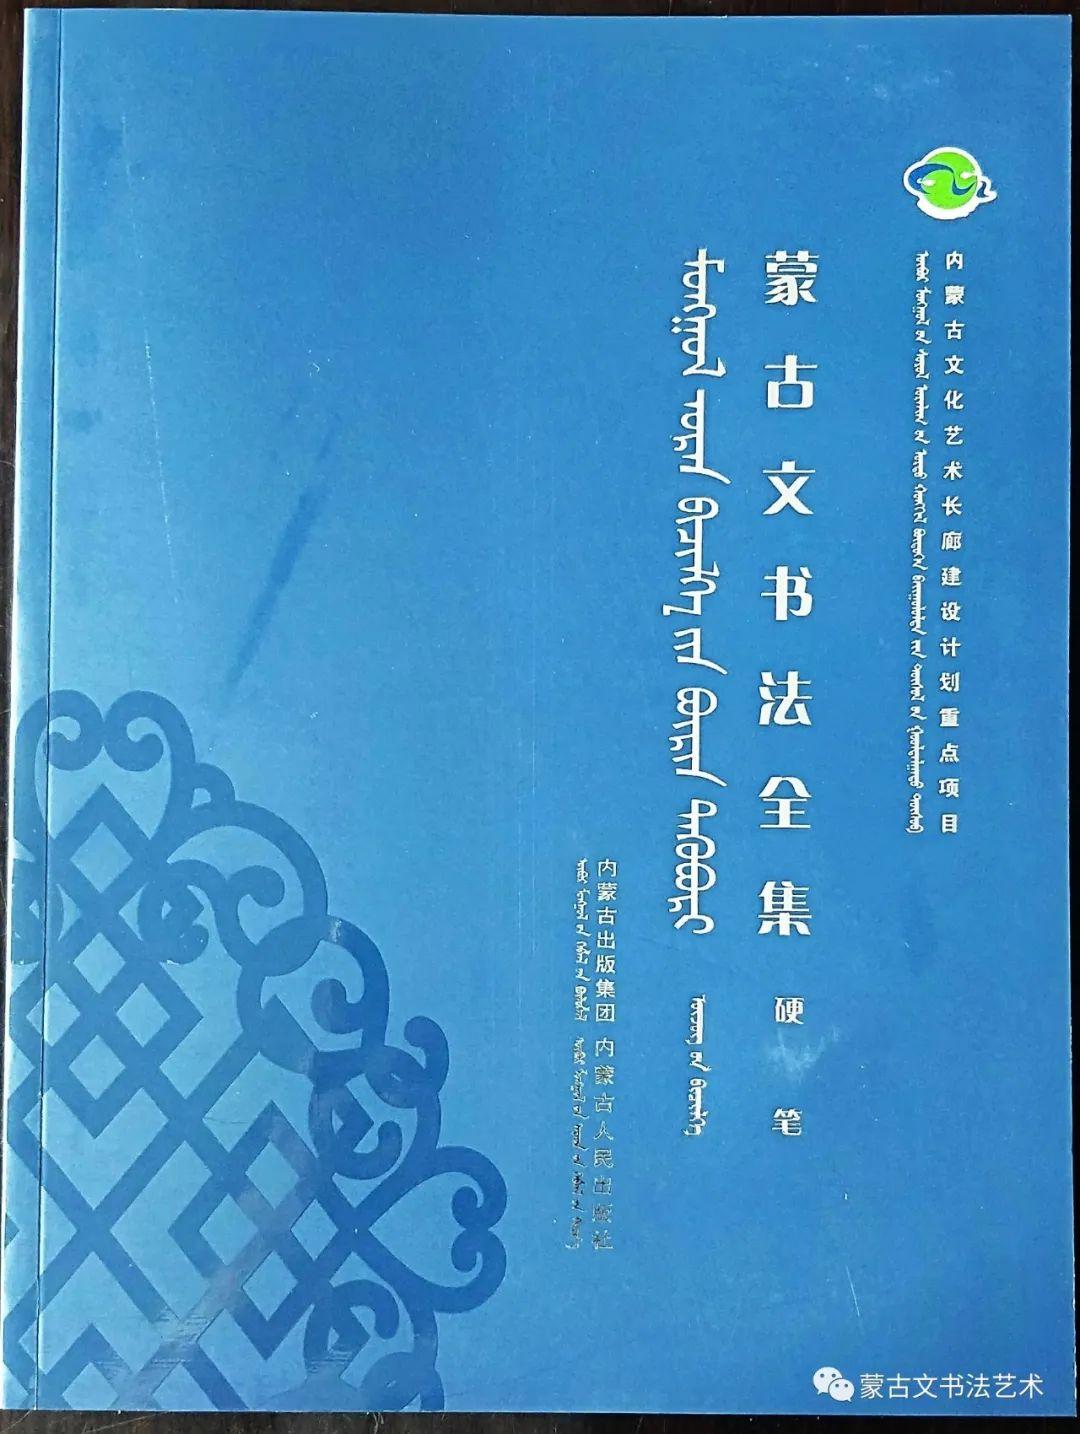 蒙古文书法全集 第21张